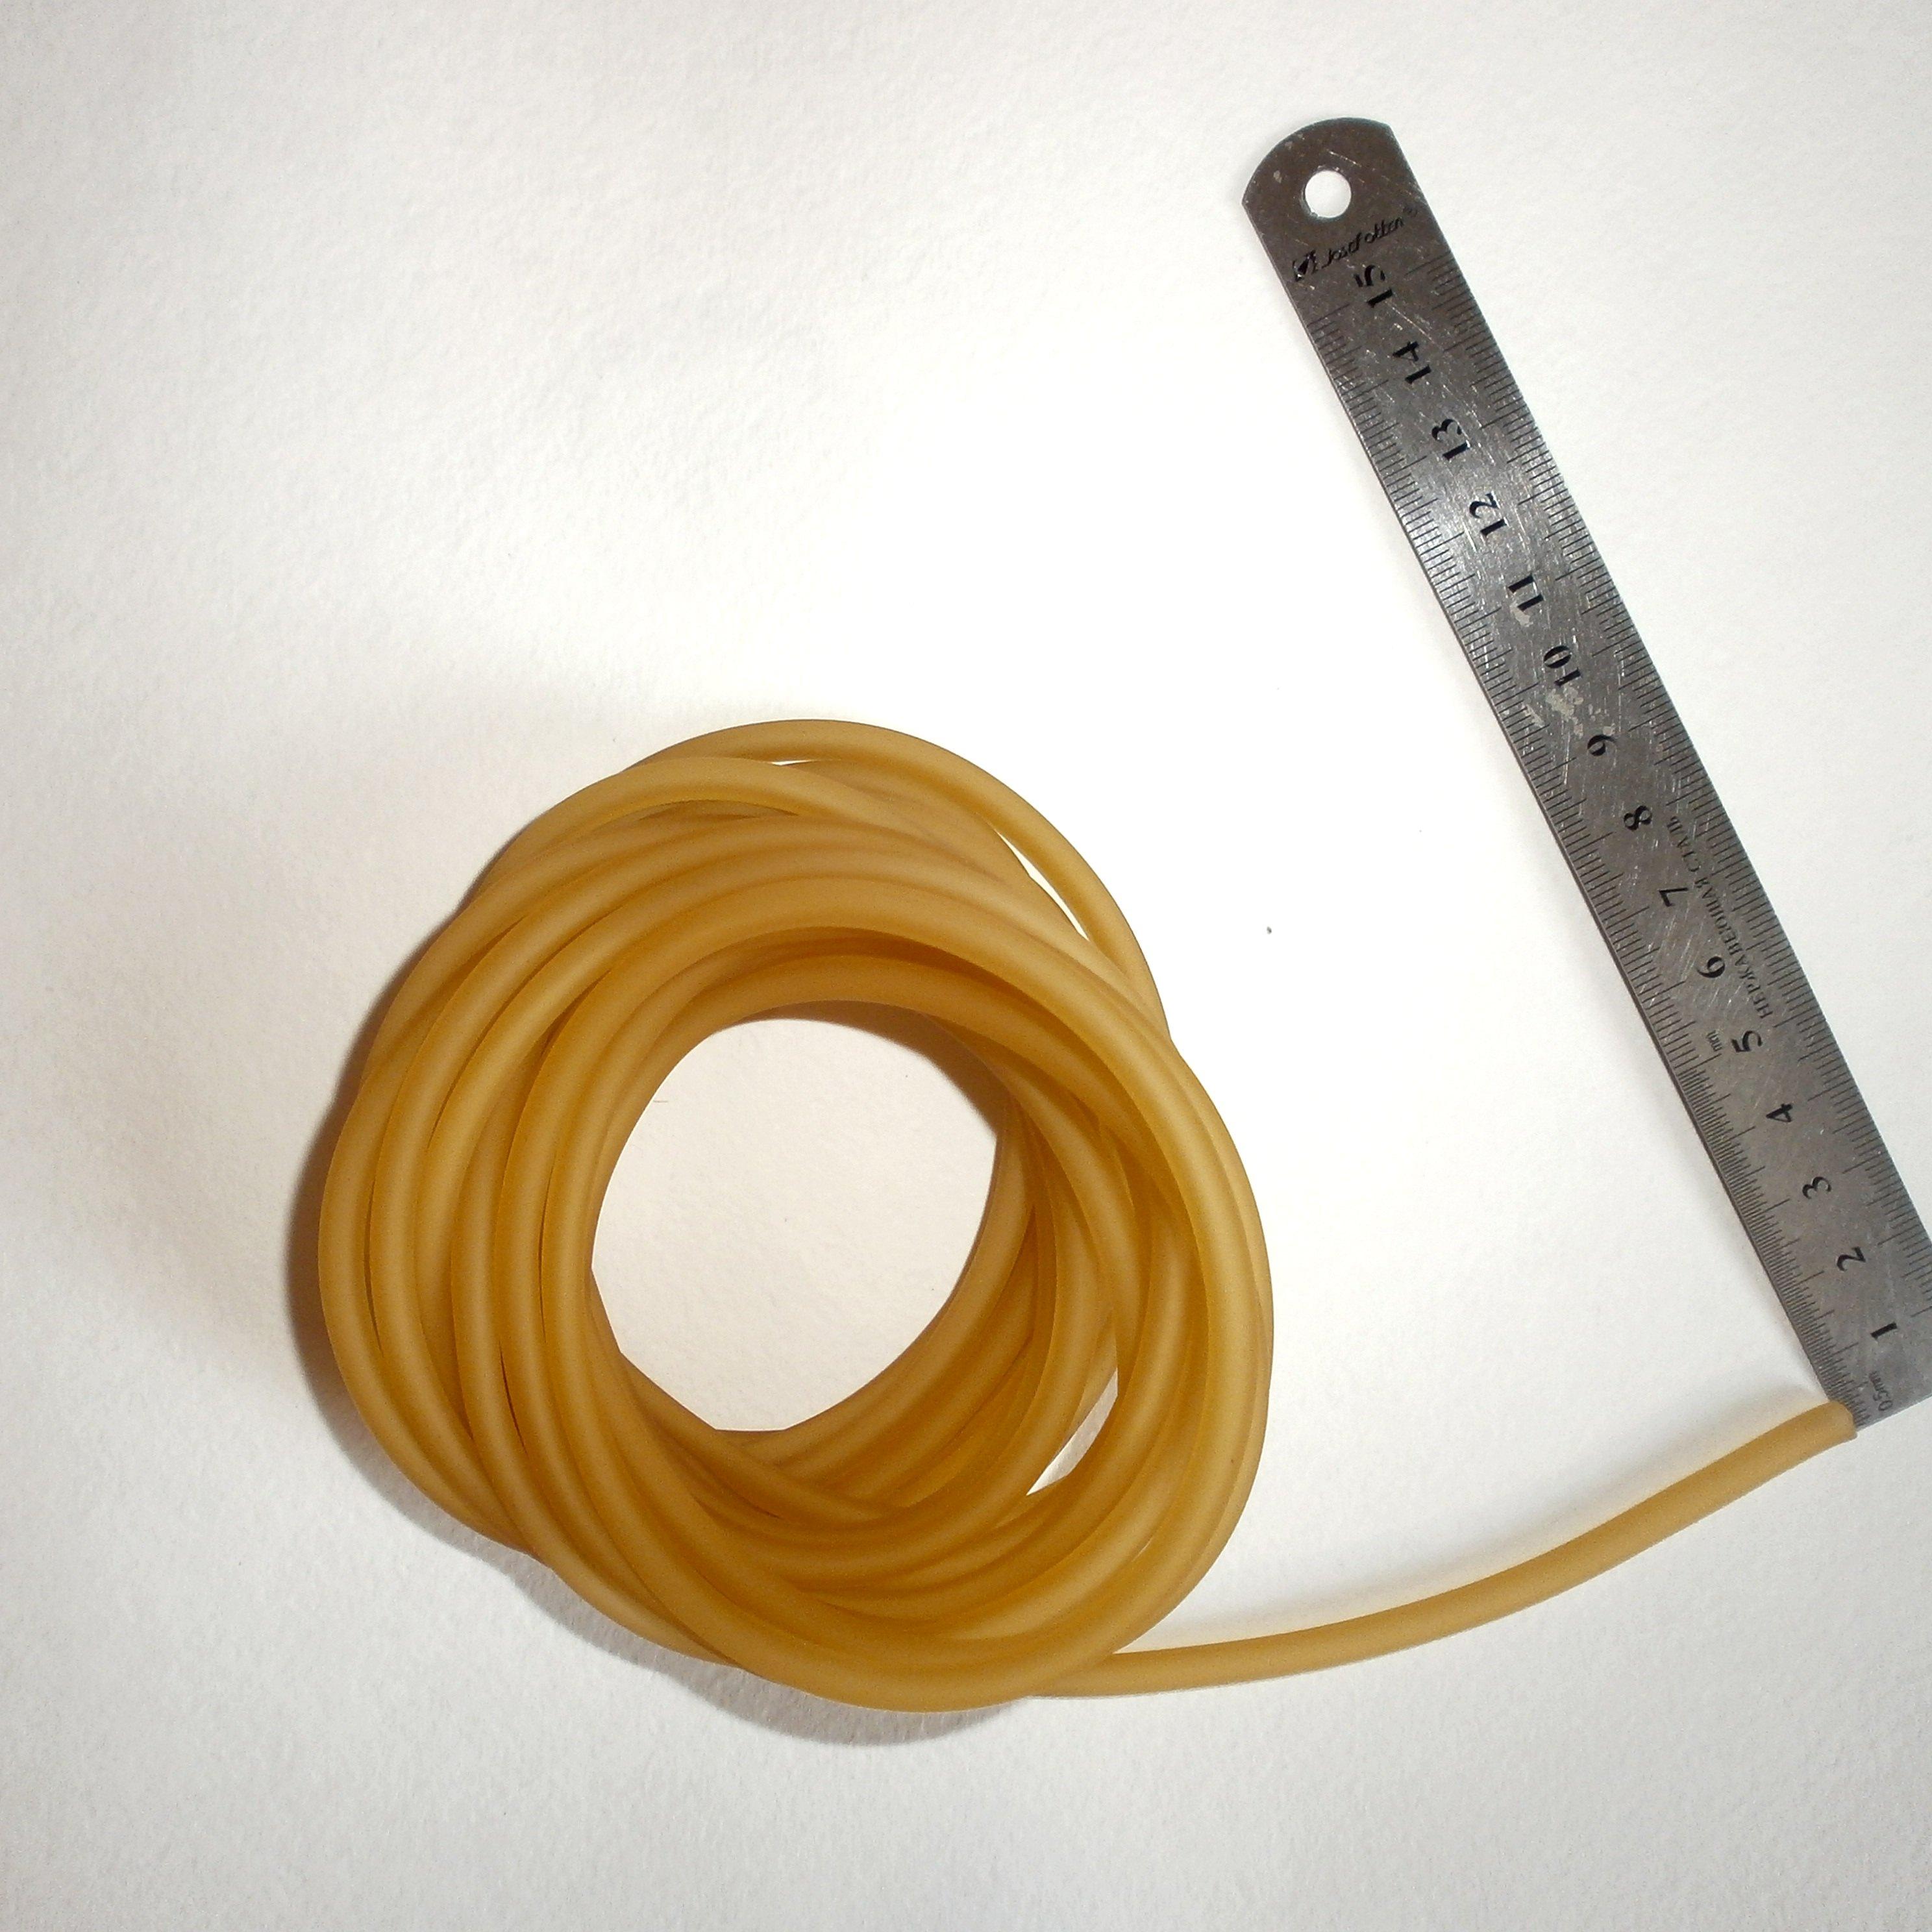 резина для рогатки в Киеве тяги